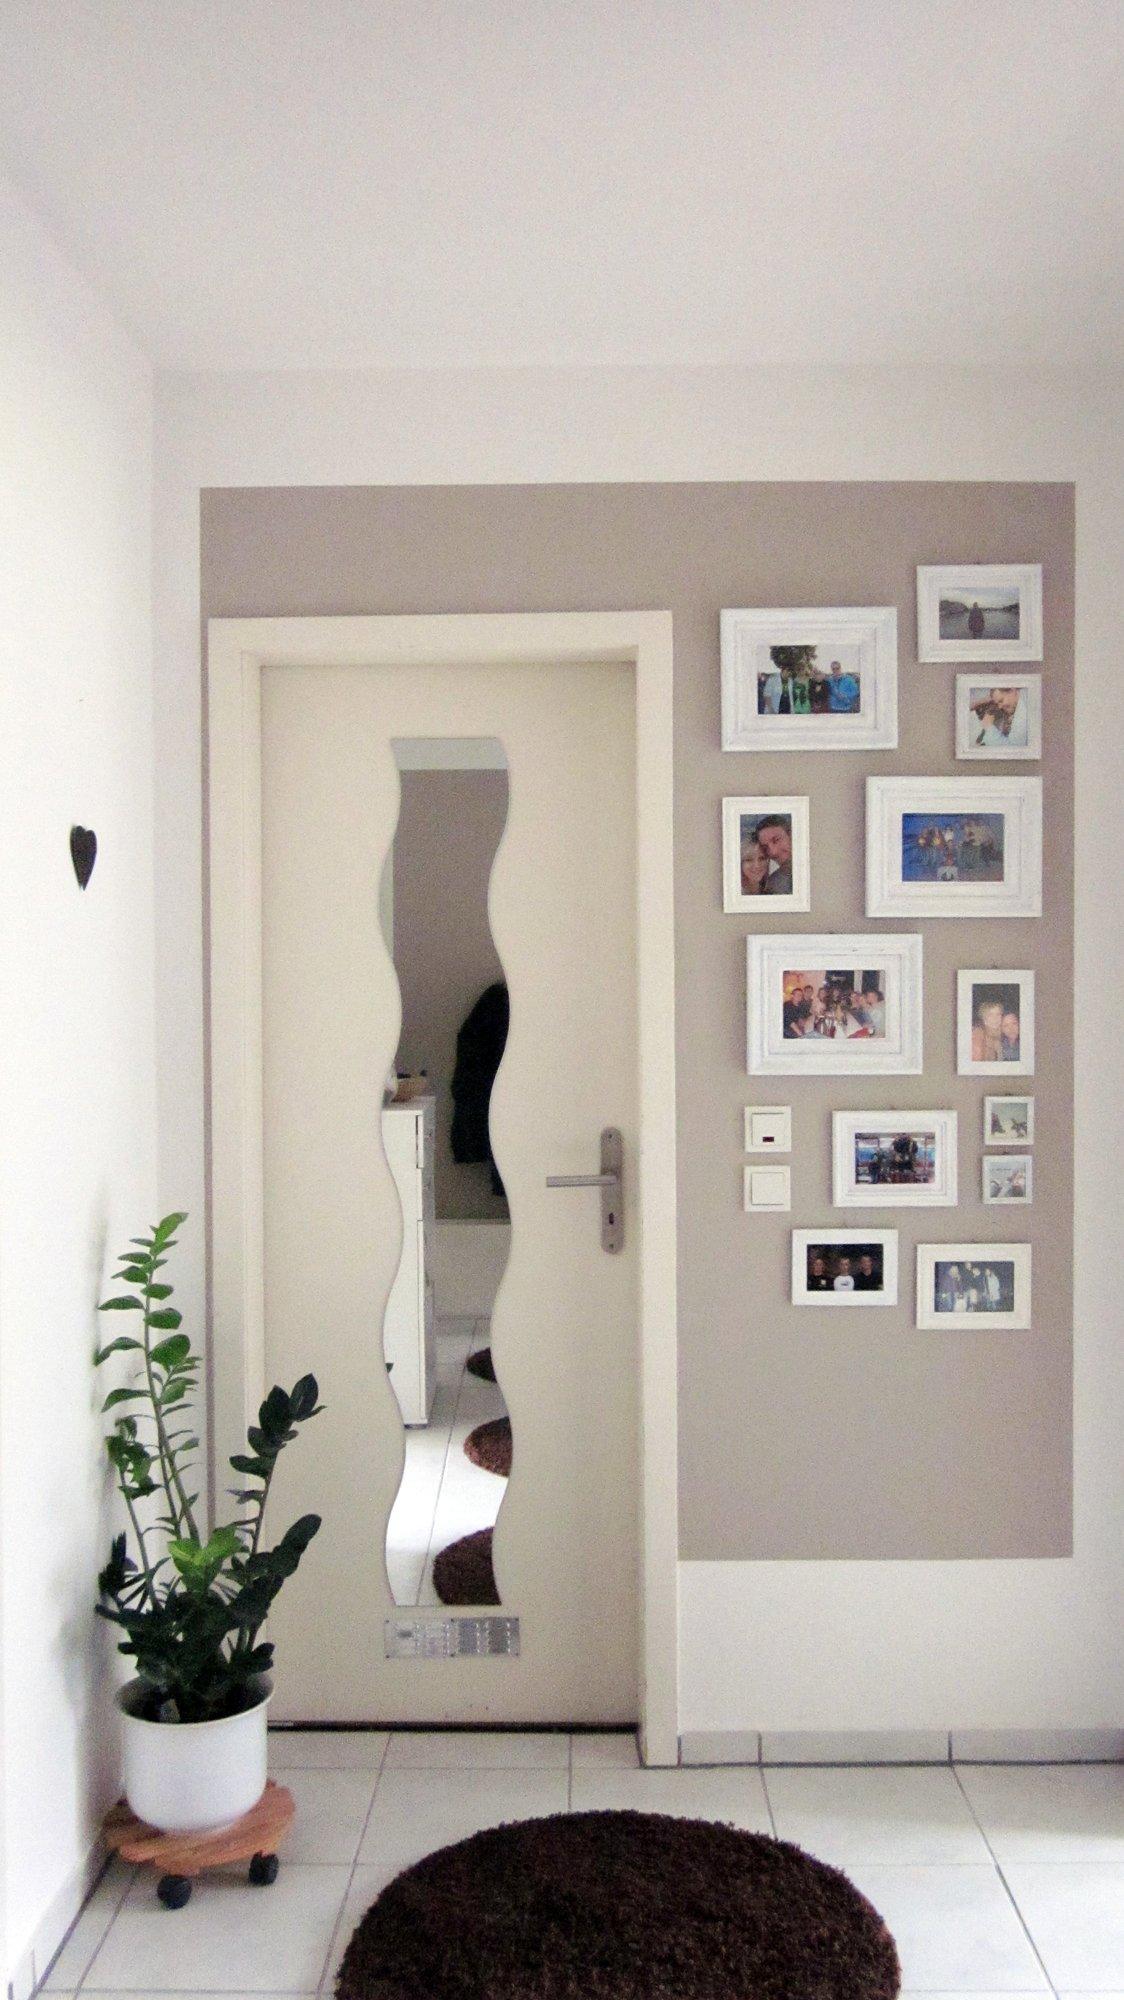 flur diele 39 eingangsbereich flur 39 alte wohnung zimmerschau. Black Bedroom Furniture Sets. Home Design Ideas